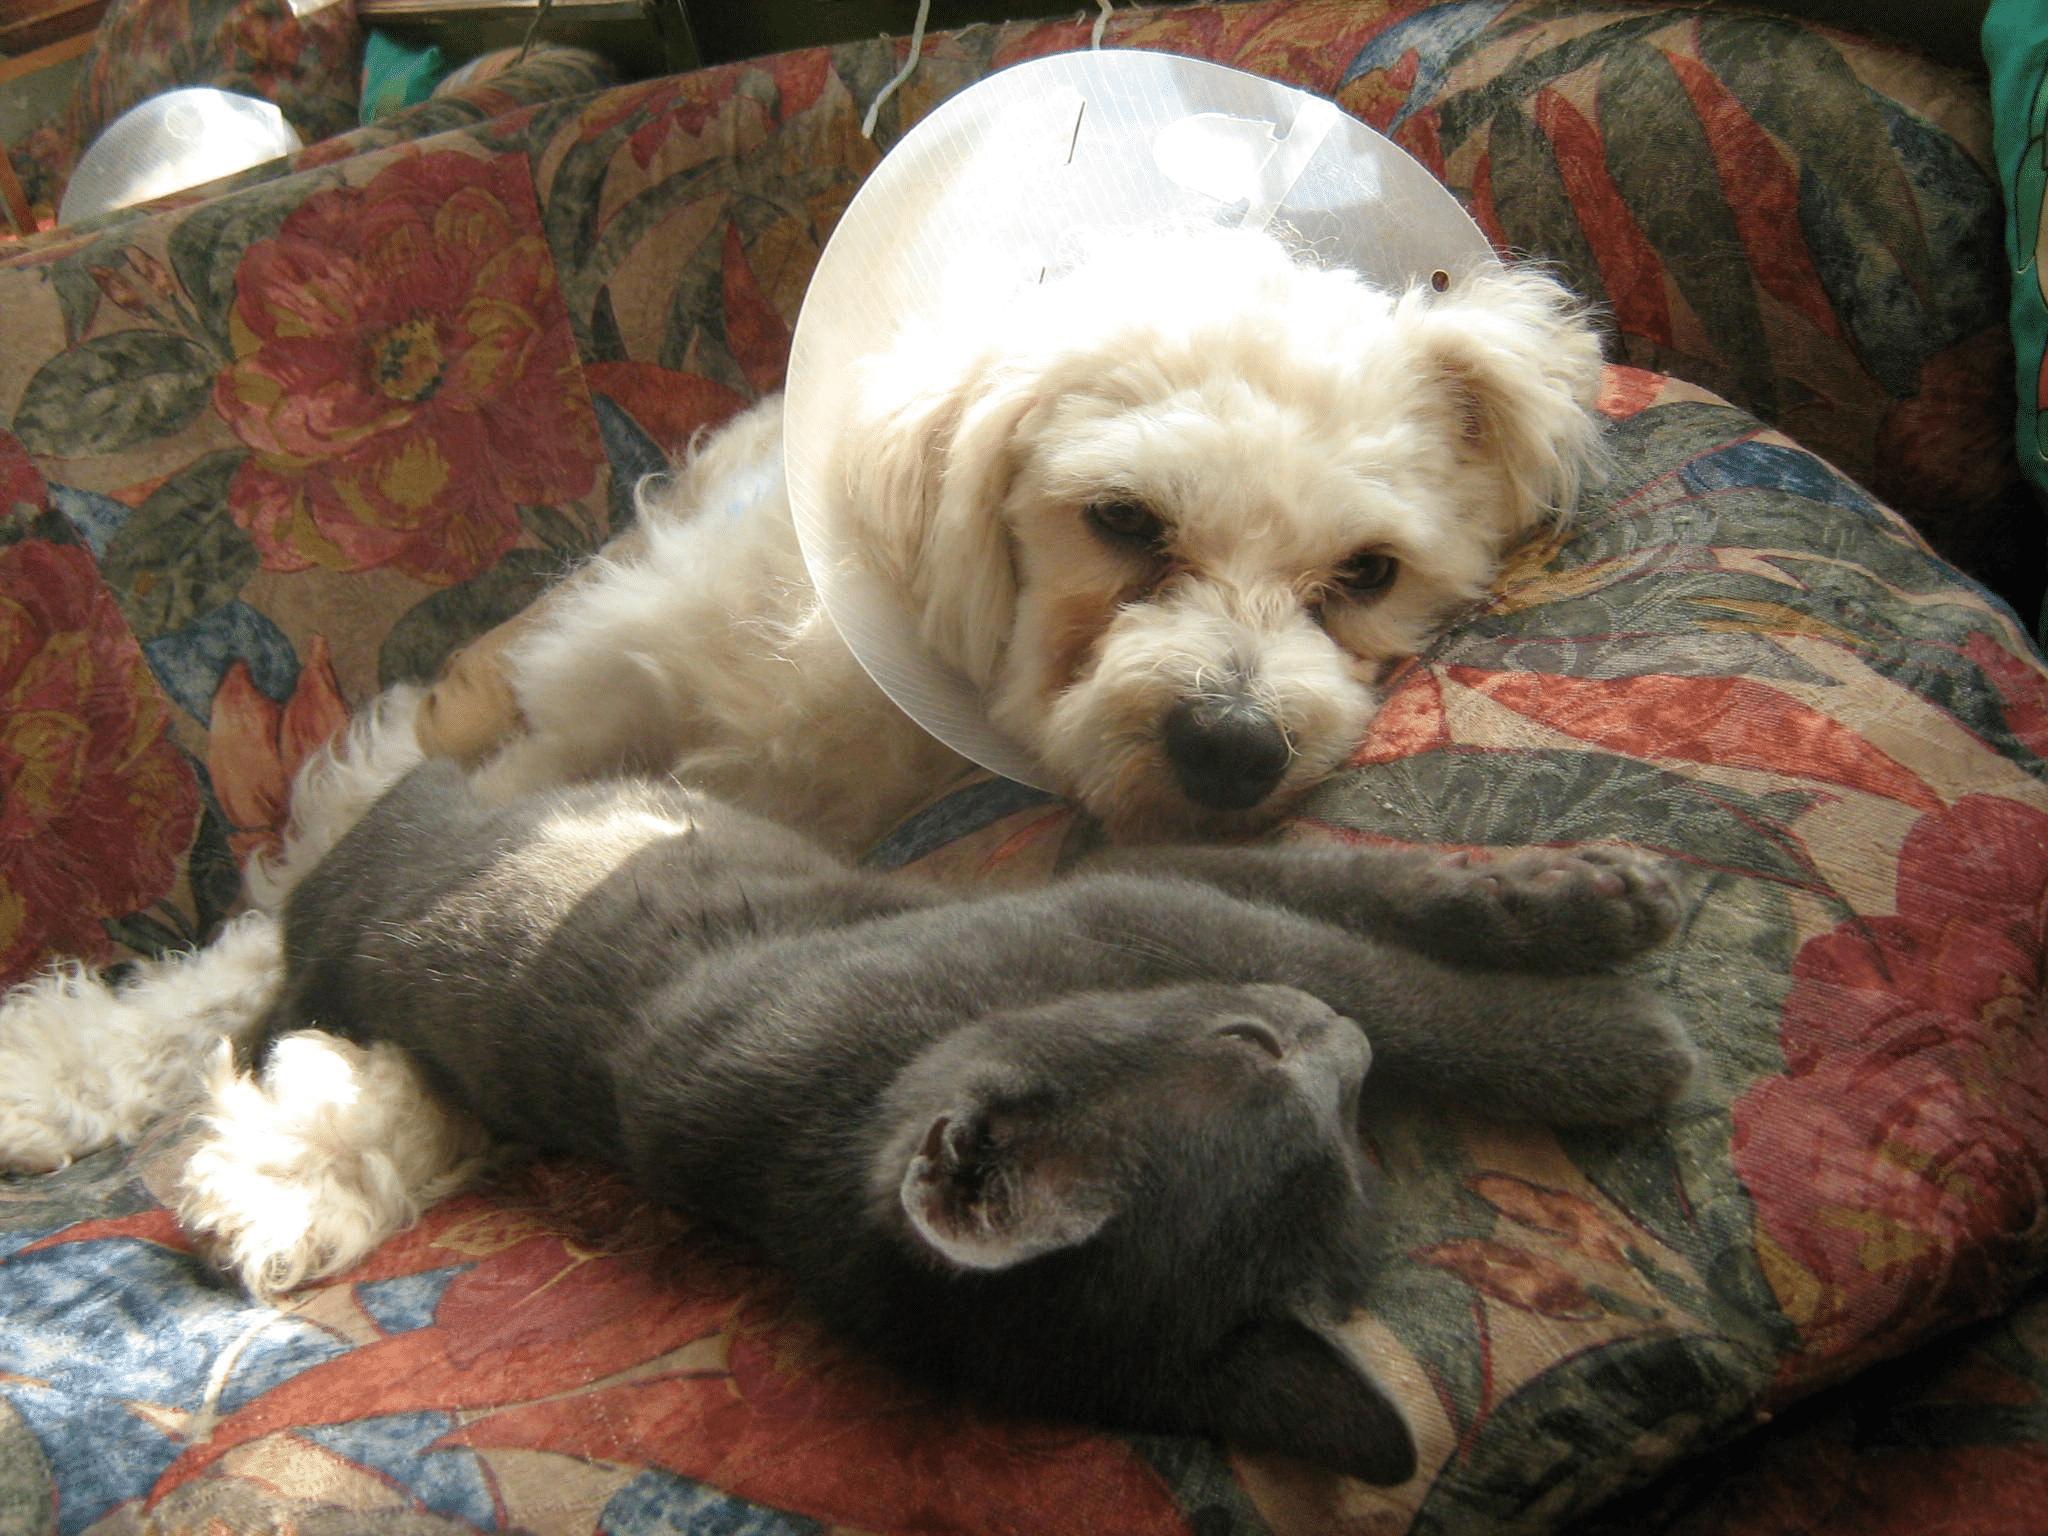 Panka am Tag der Aufnahme ins Tierheim